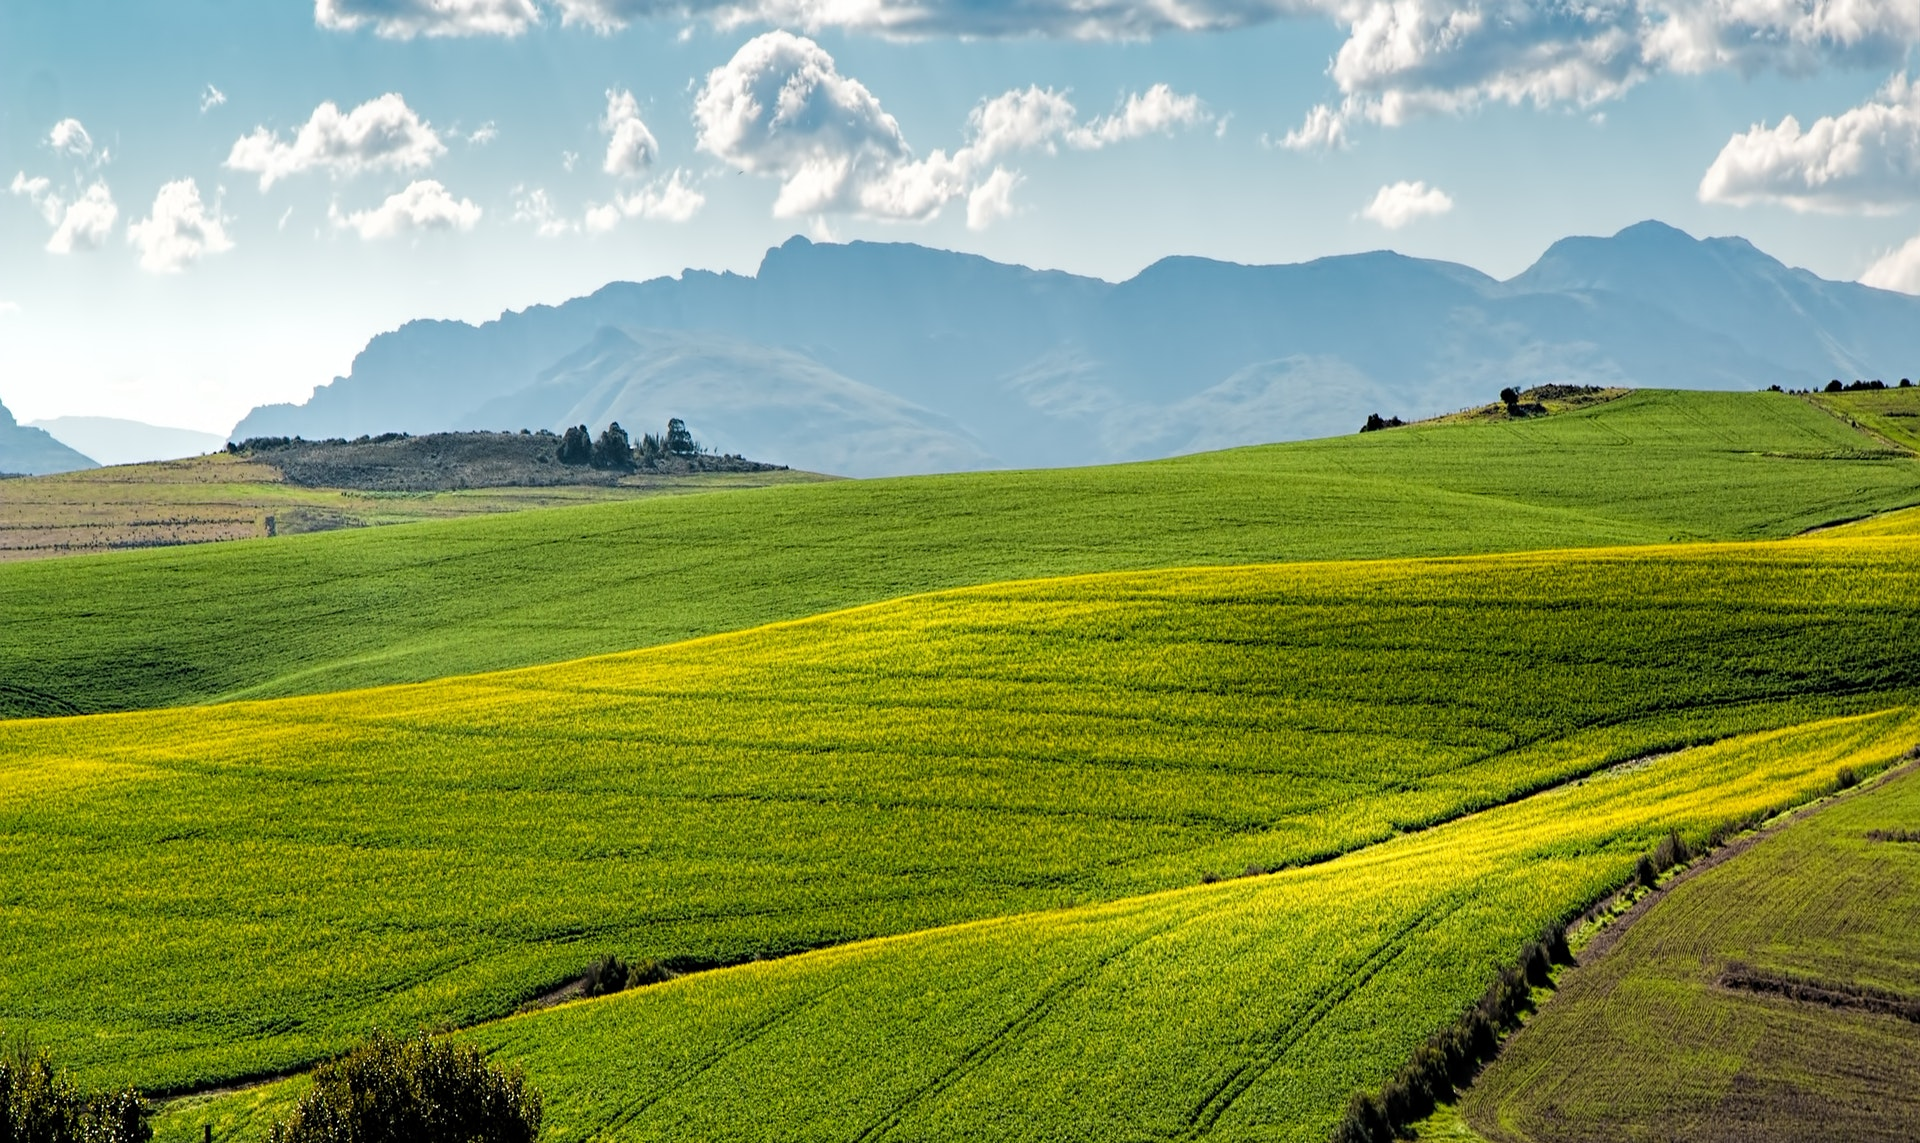 Hình nền đẹp đồng cỏ rộng lớn